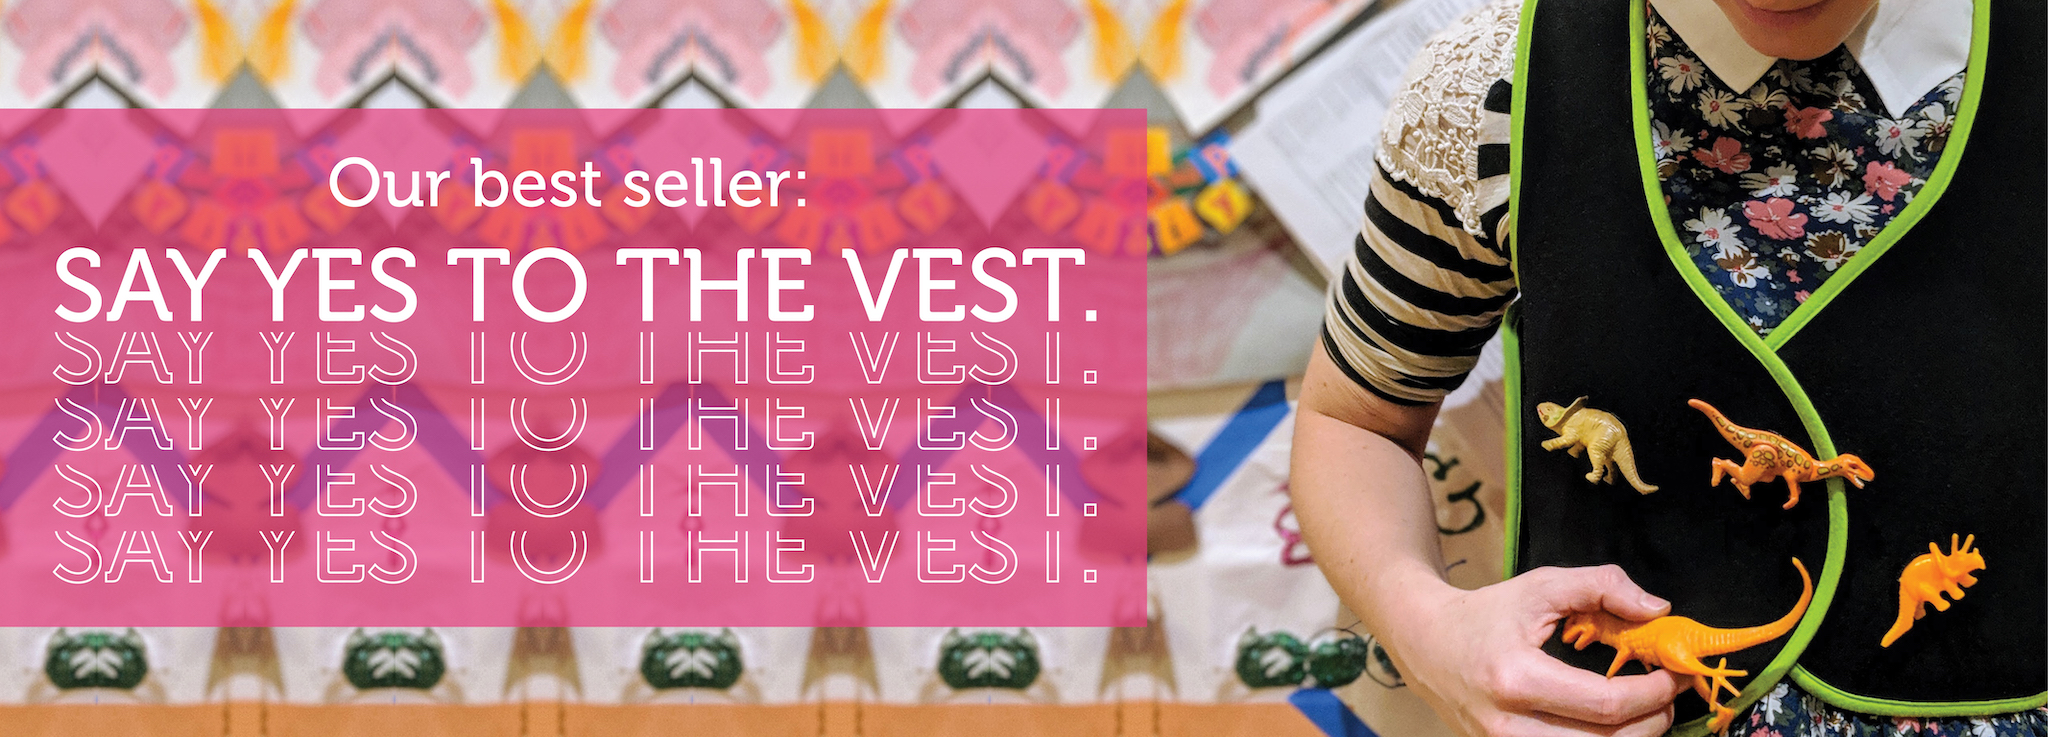 Best seller - compression vest